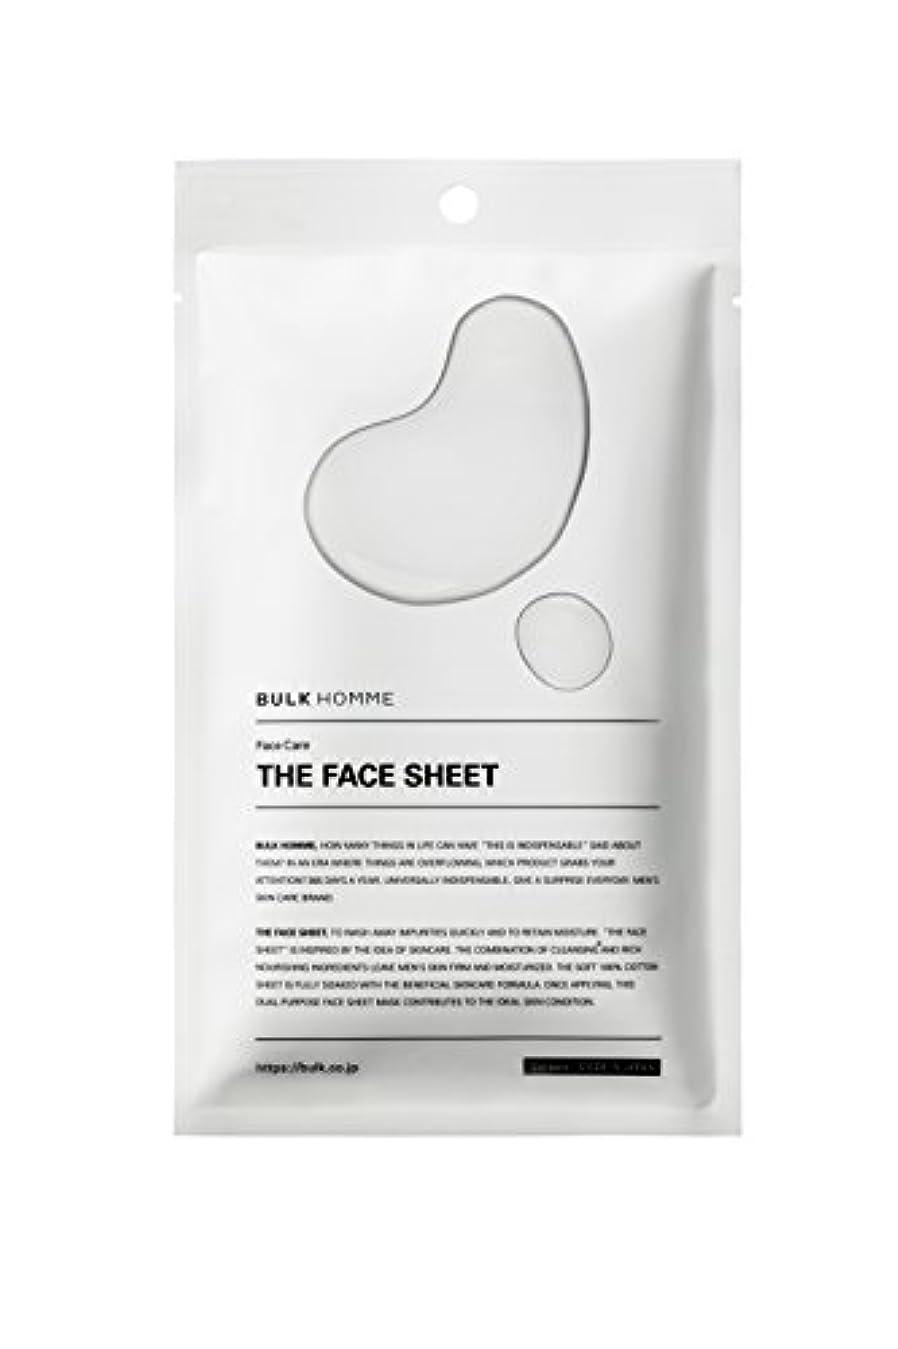 知る資本主義インフラバルクオム THE FACE SHEET フェイスシート(低刺激 拭き取り化粧水)10枚